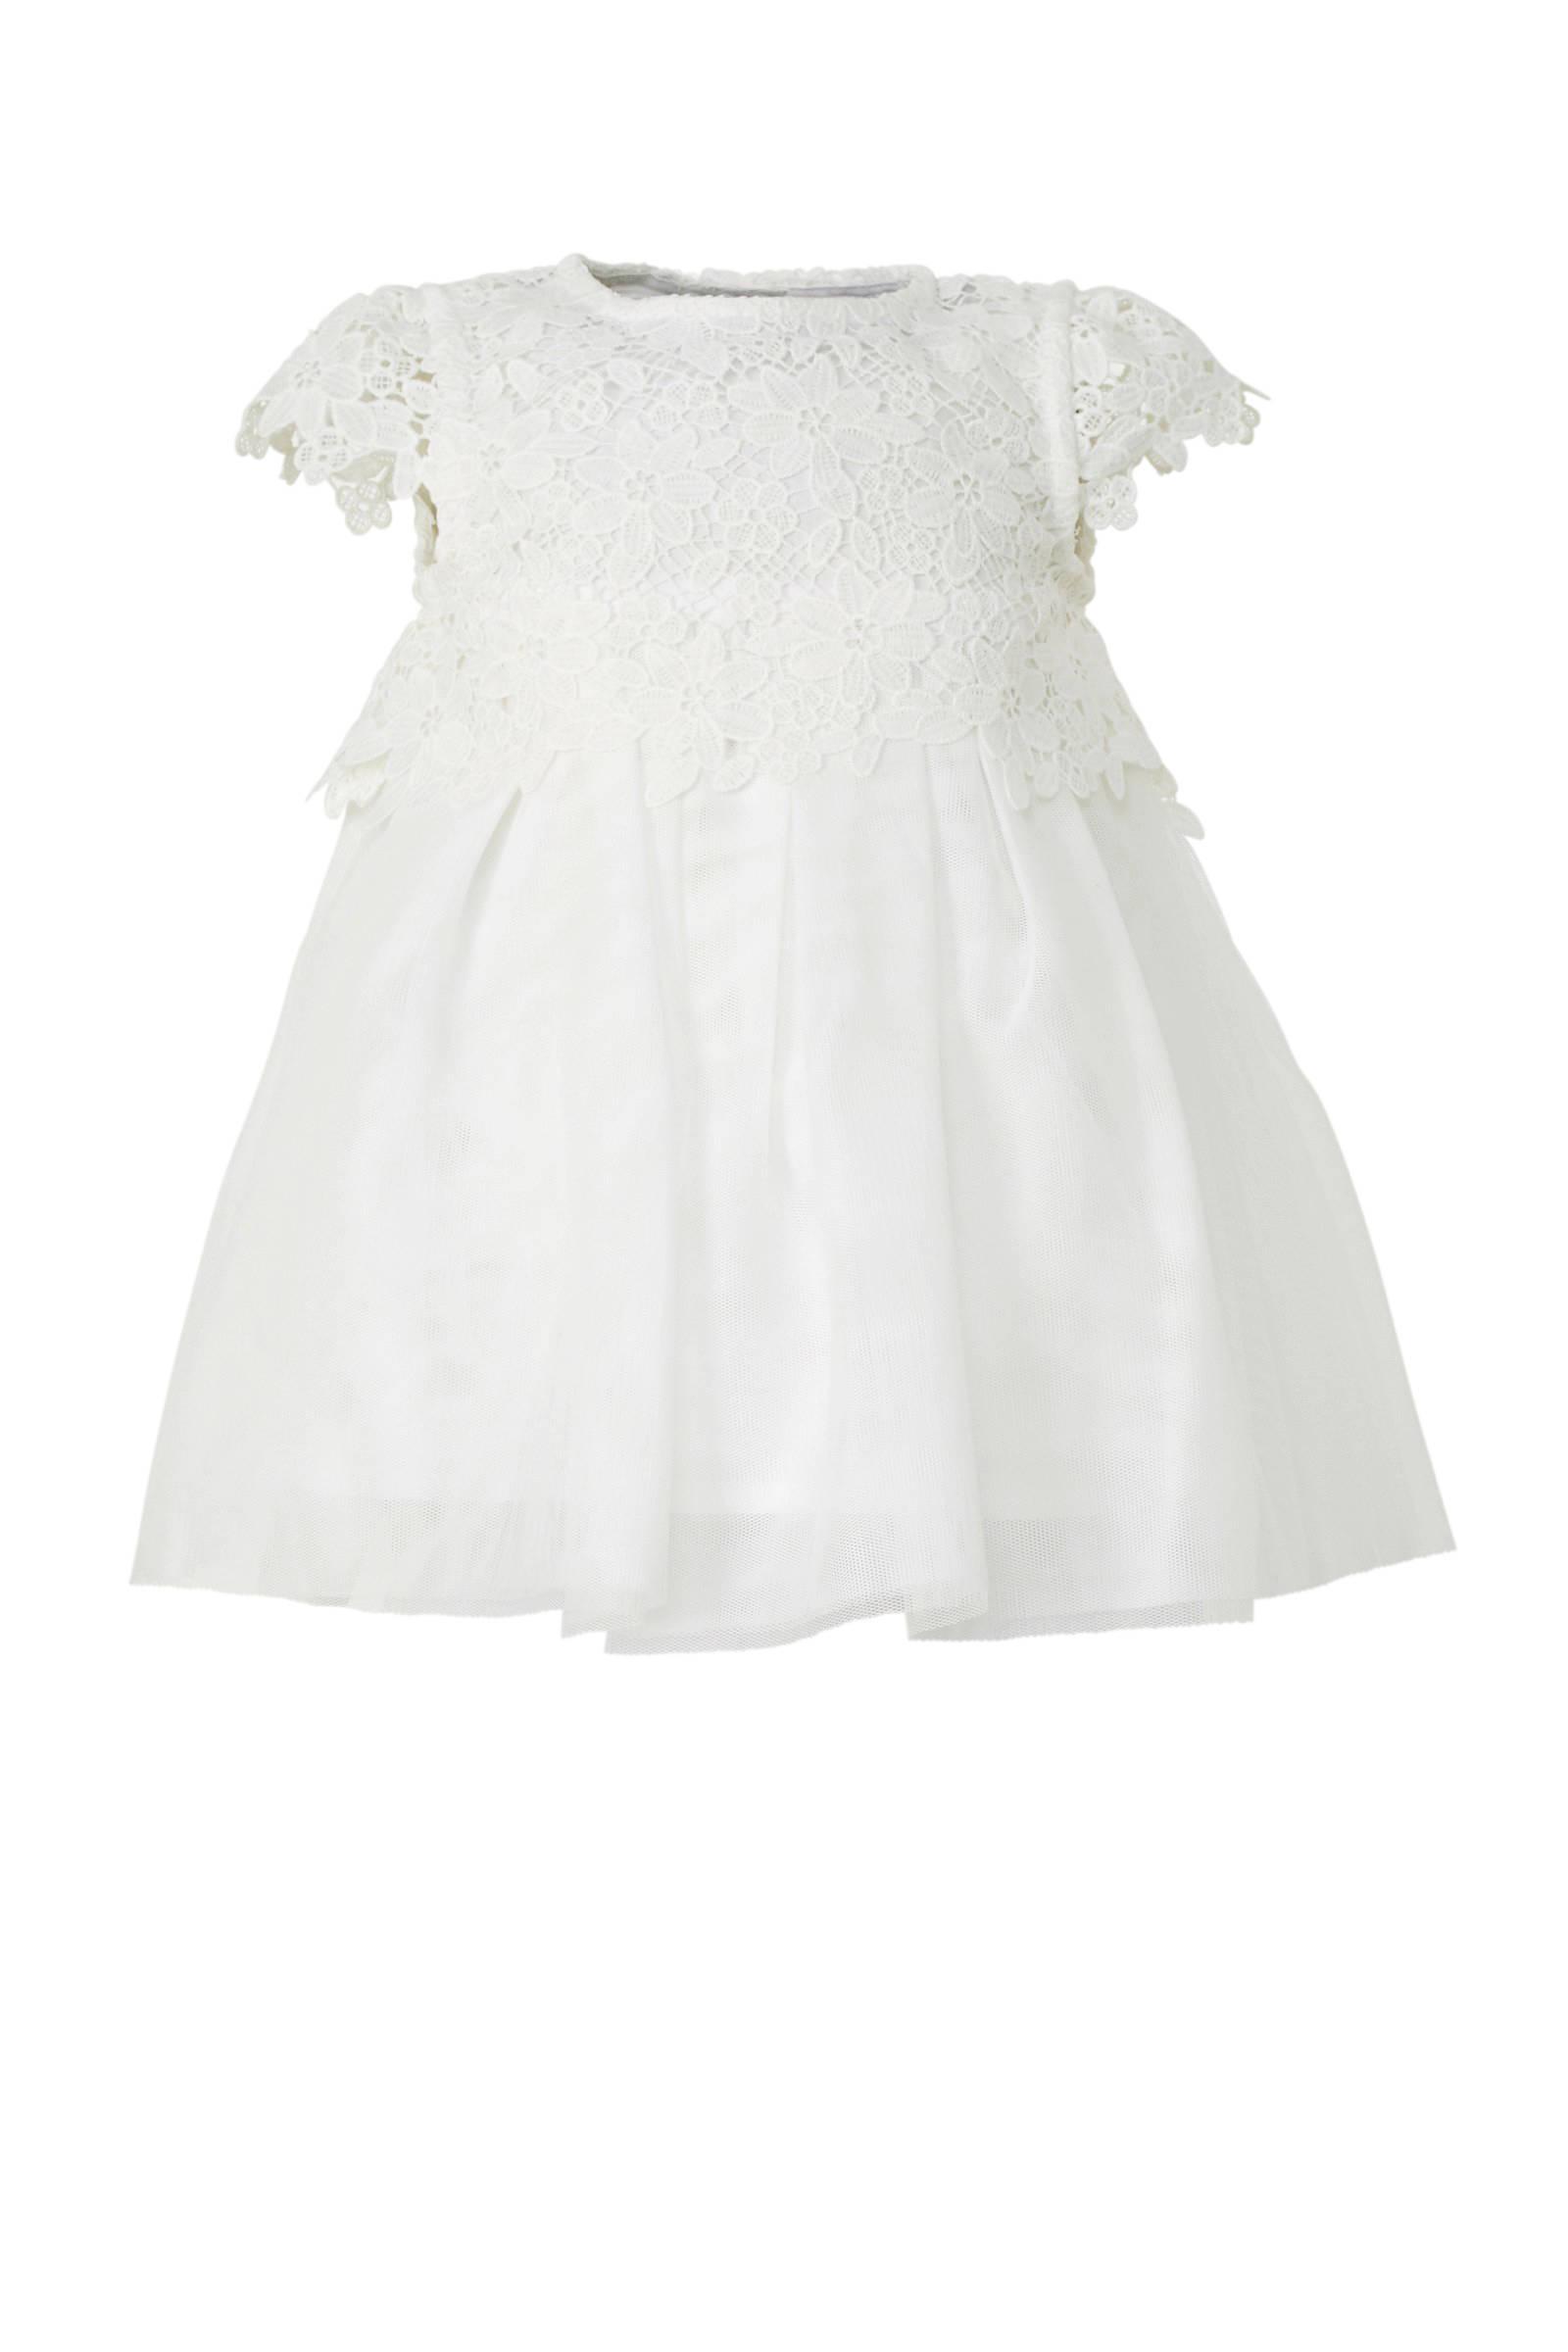 179e82d727f866 Bruiloft kleding voor het hele gezin bij wehkamp - Gratis bezorging vanaf  20.-